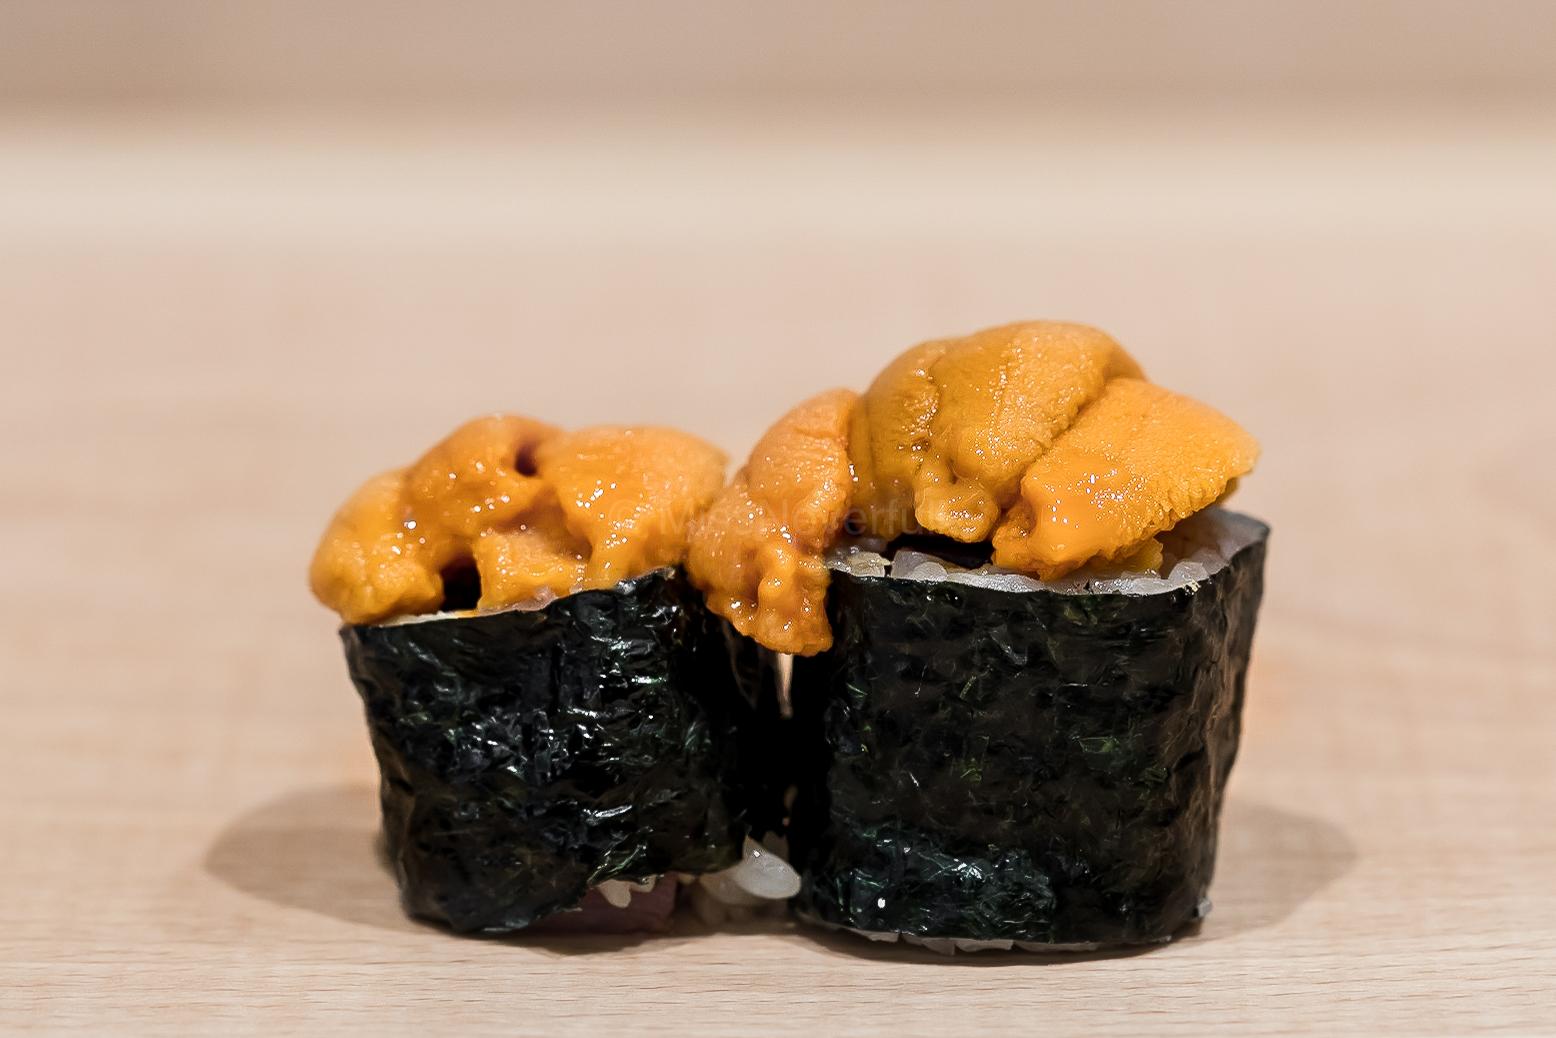 10. Toro maki topped with uni